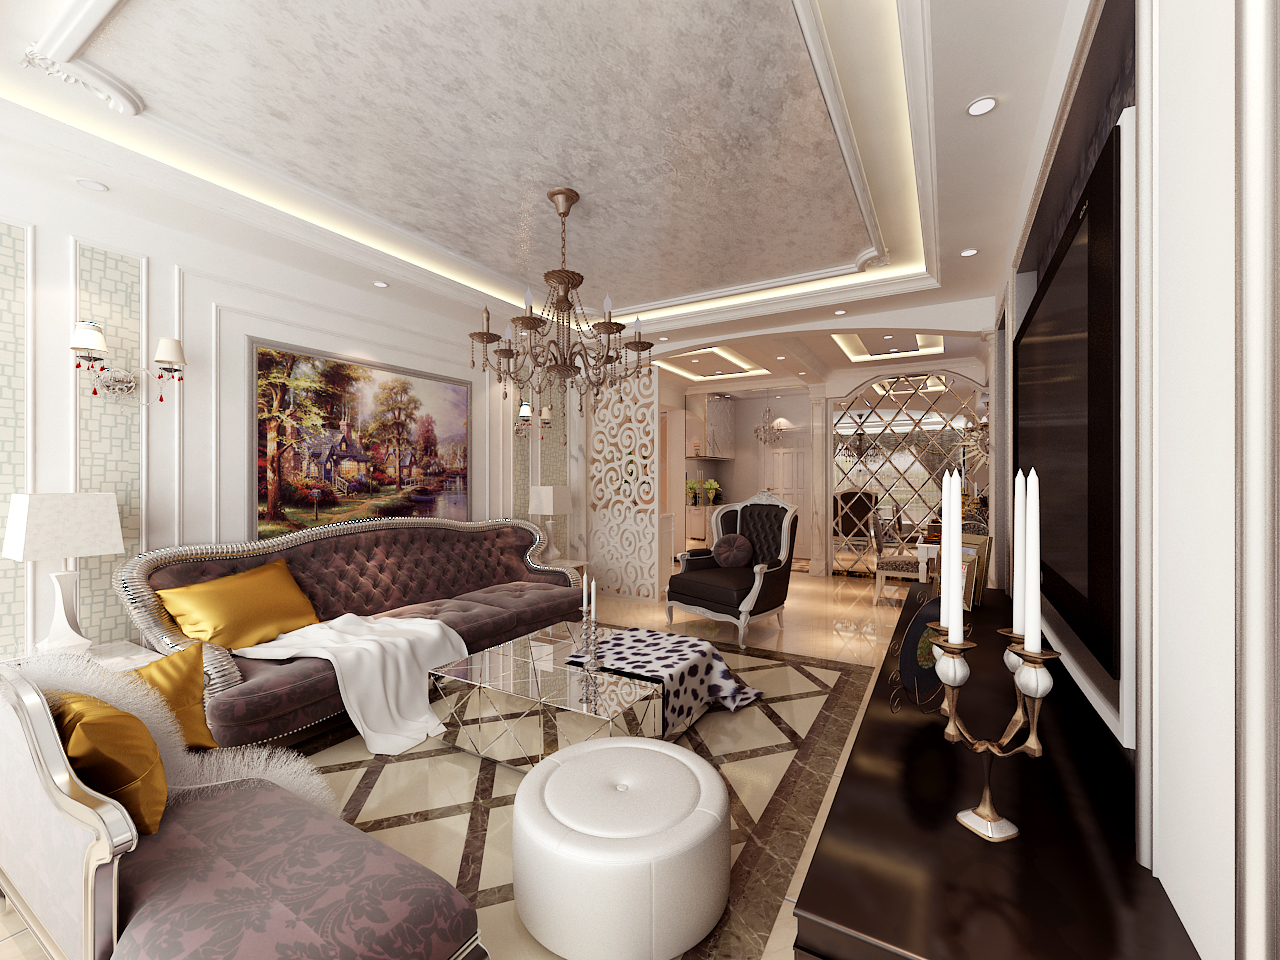 三居 白领 80后 小资 混搭 欧式 客厅图片来自晋级装饰小金在瑞士风情小镇赏析的分享